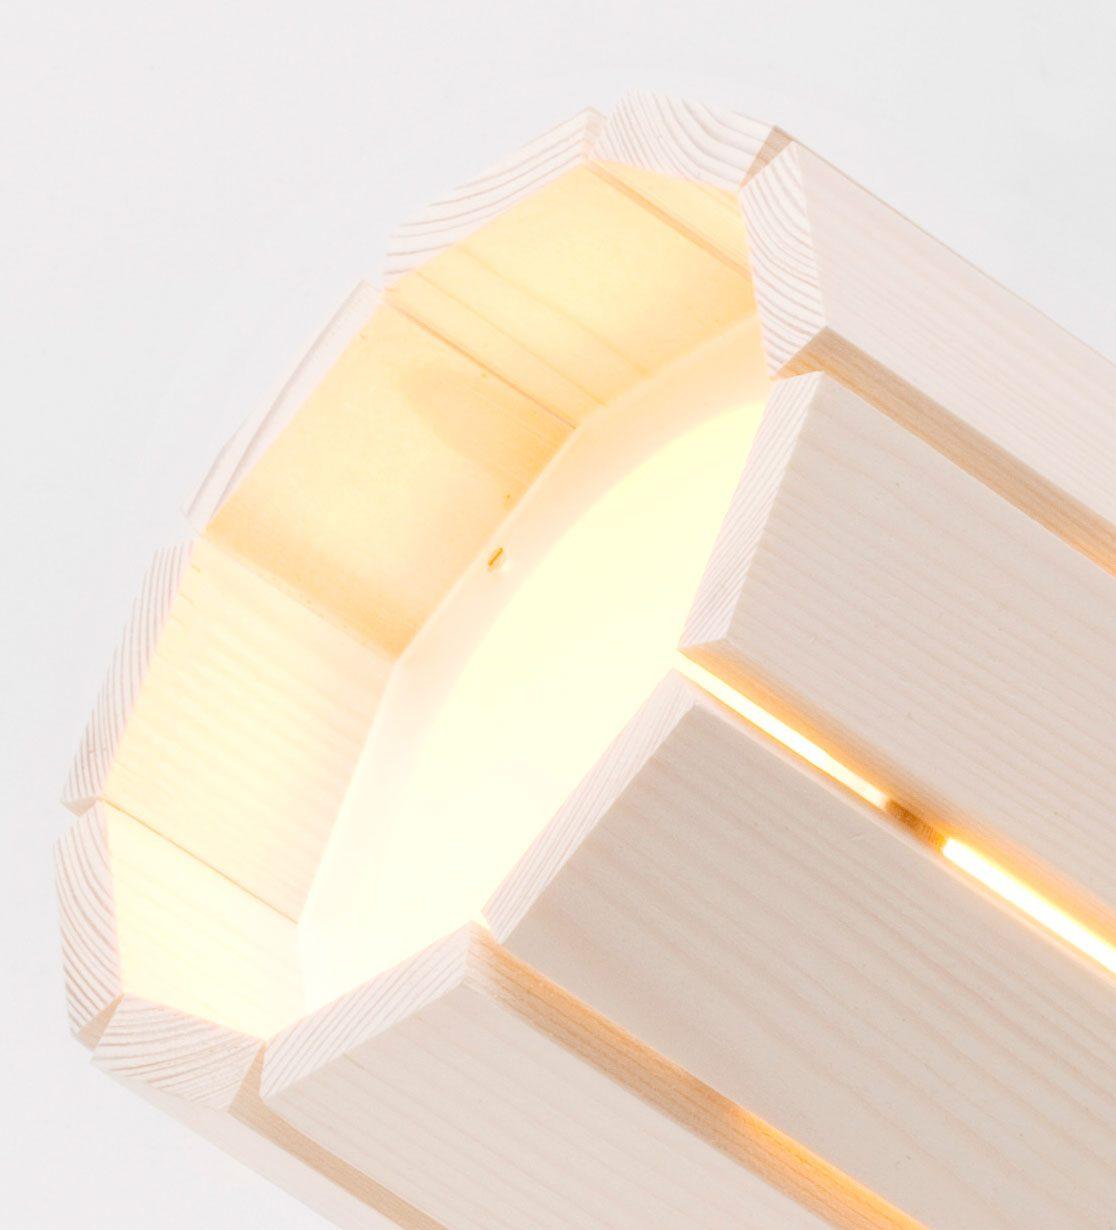 New Duivendrecht Baby Barrel Nieuwe Heren vloerlamp – gimmii shop